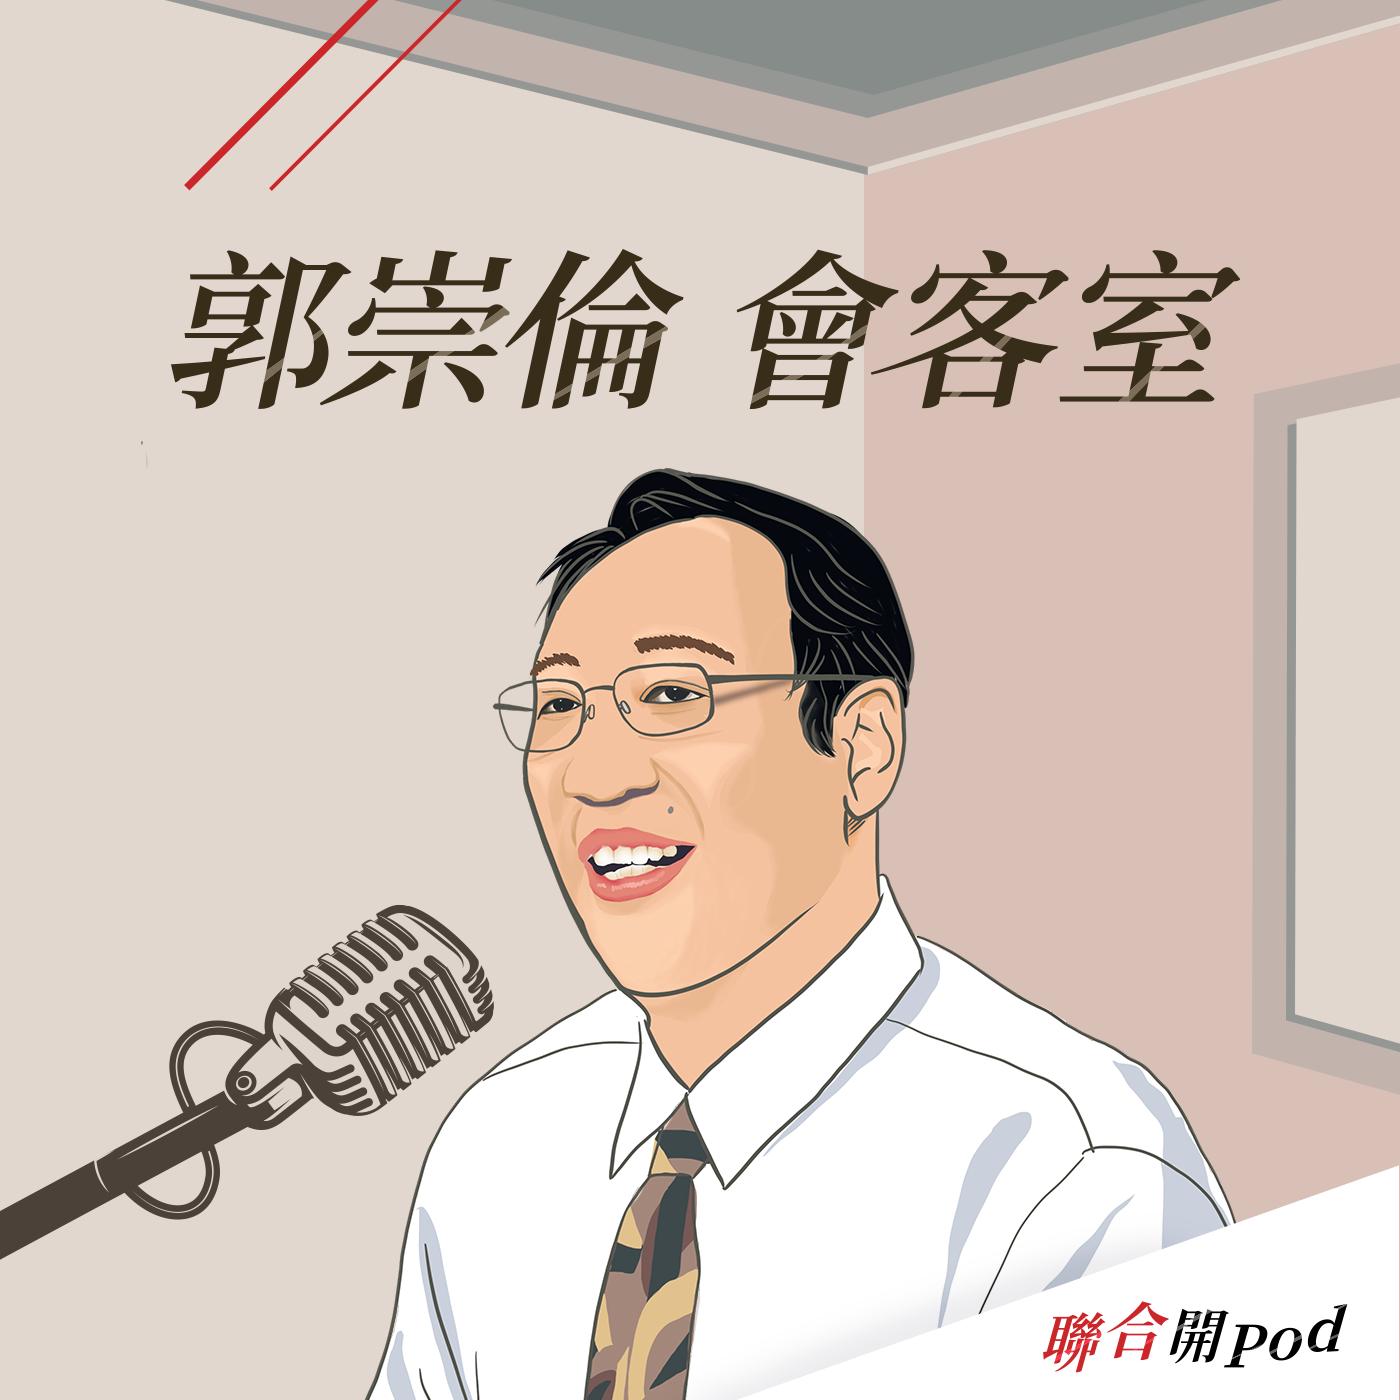 郭崇倫會客室 EP15|國安人事更迭 建軍作戰構想再翻修?